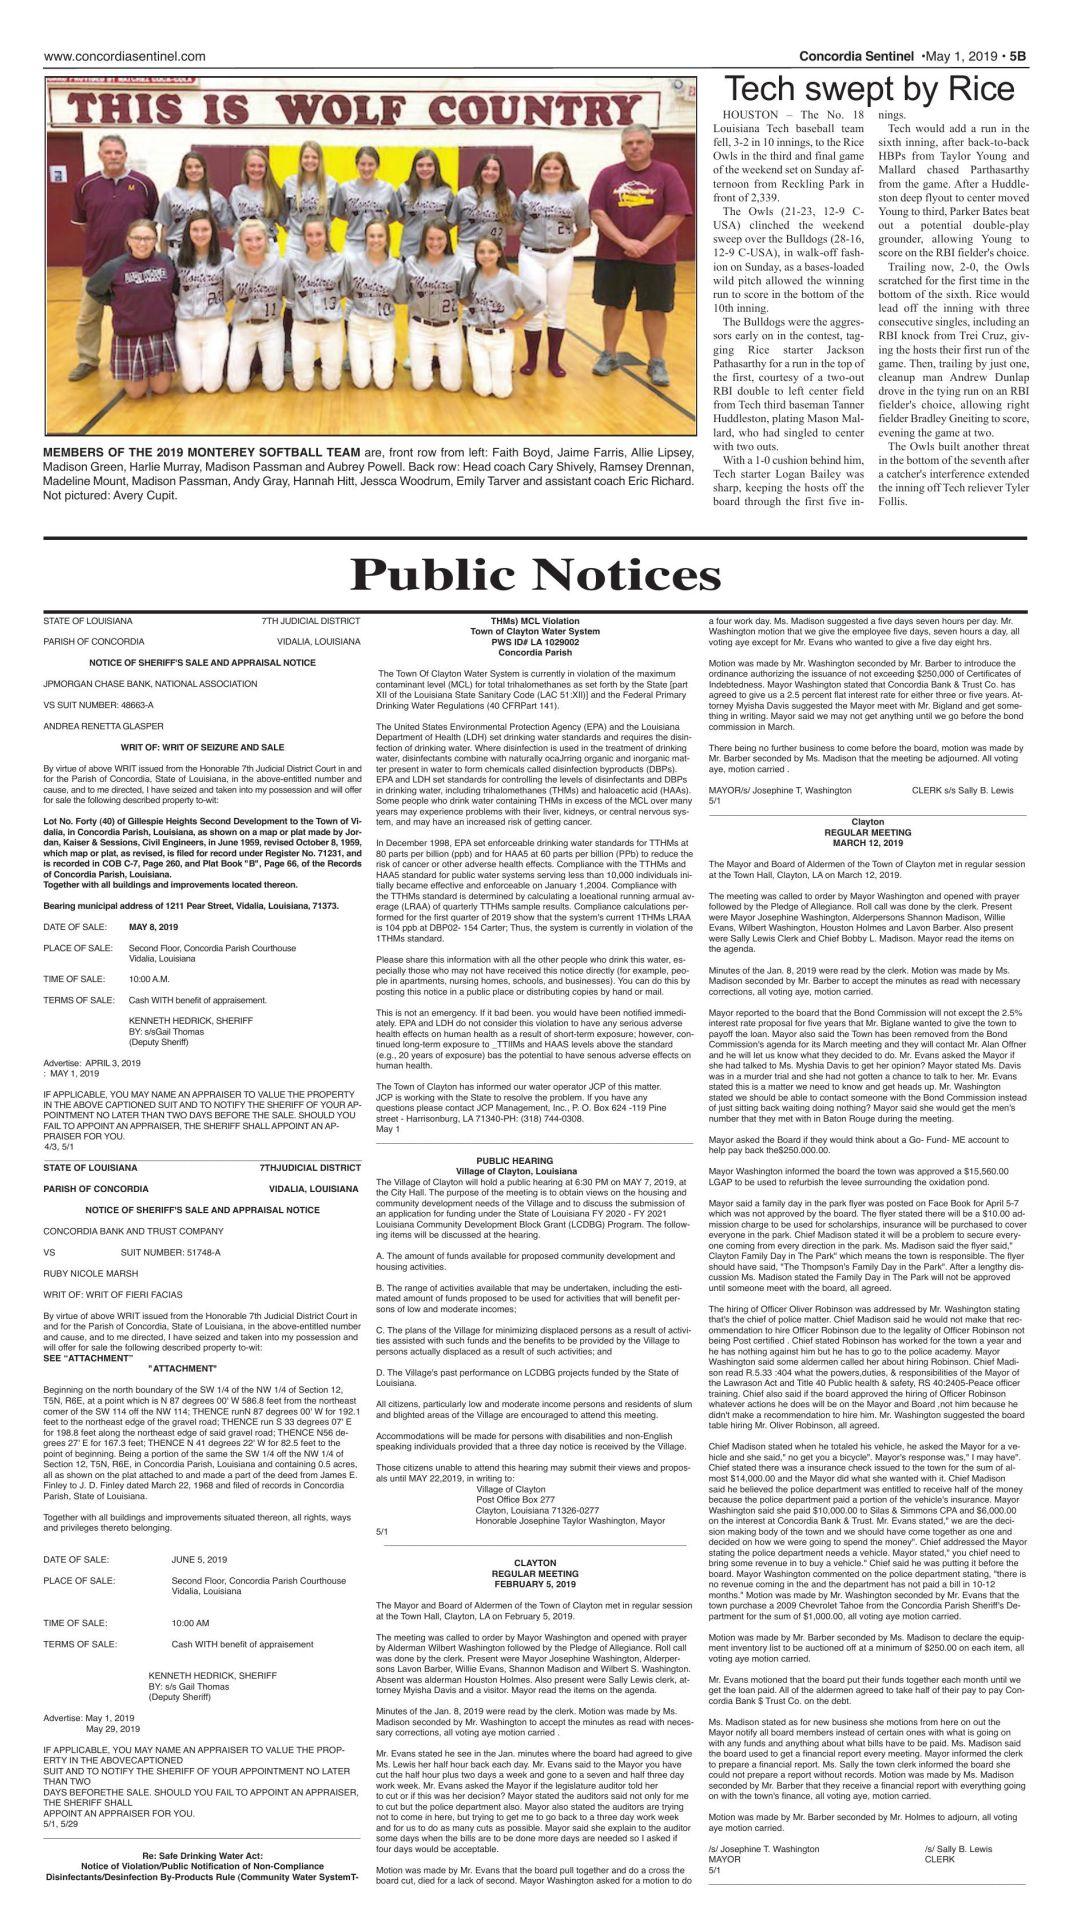 Public notices - May 1, 2019